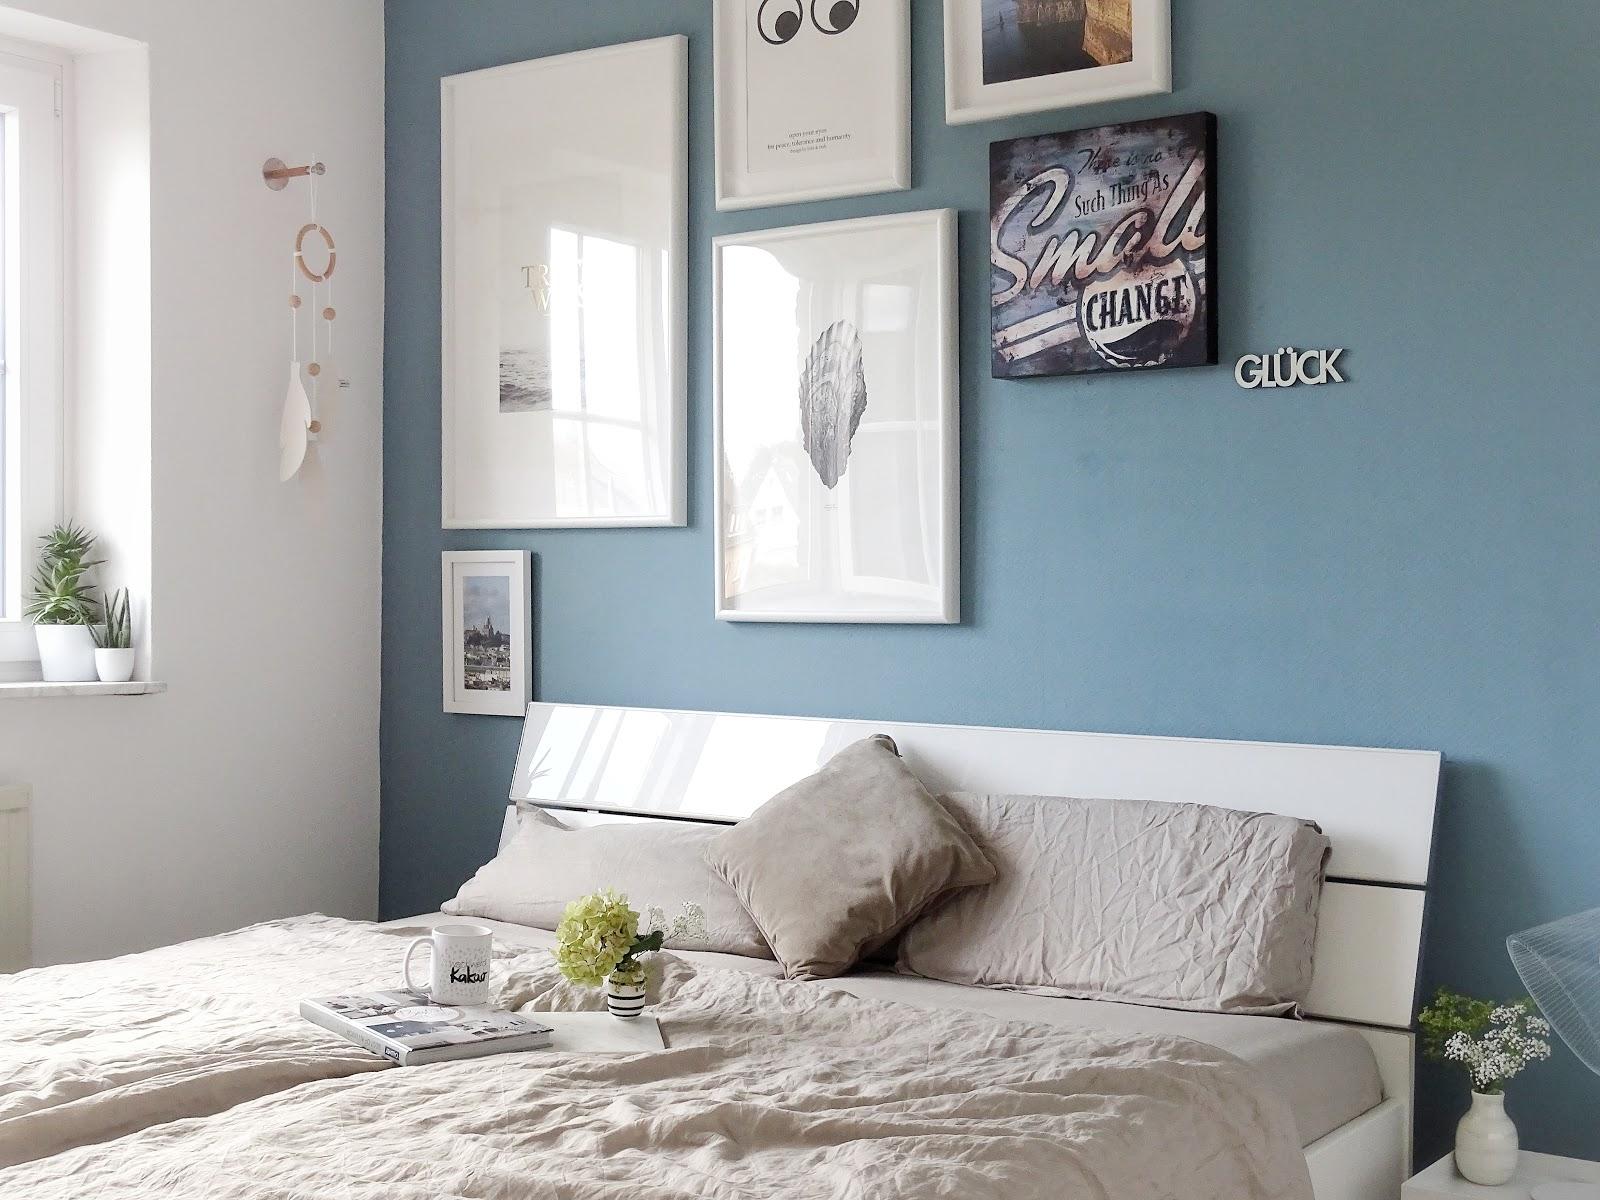 Schlafzimmer Makeover Mit Neuer Wandfarbe